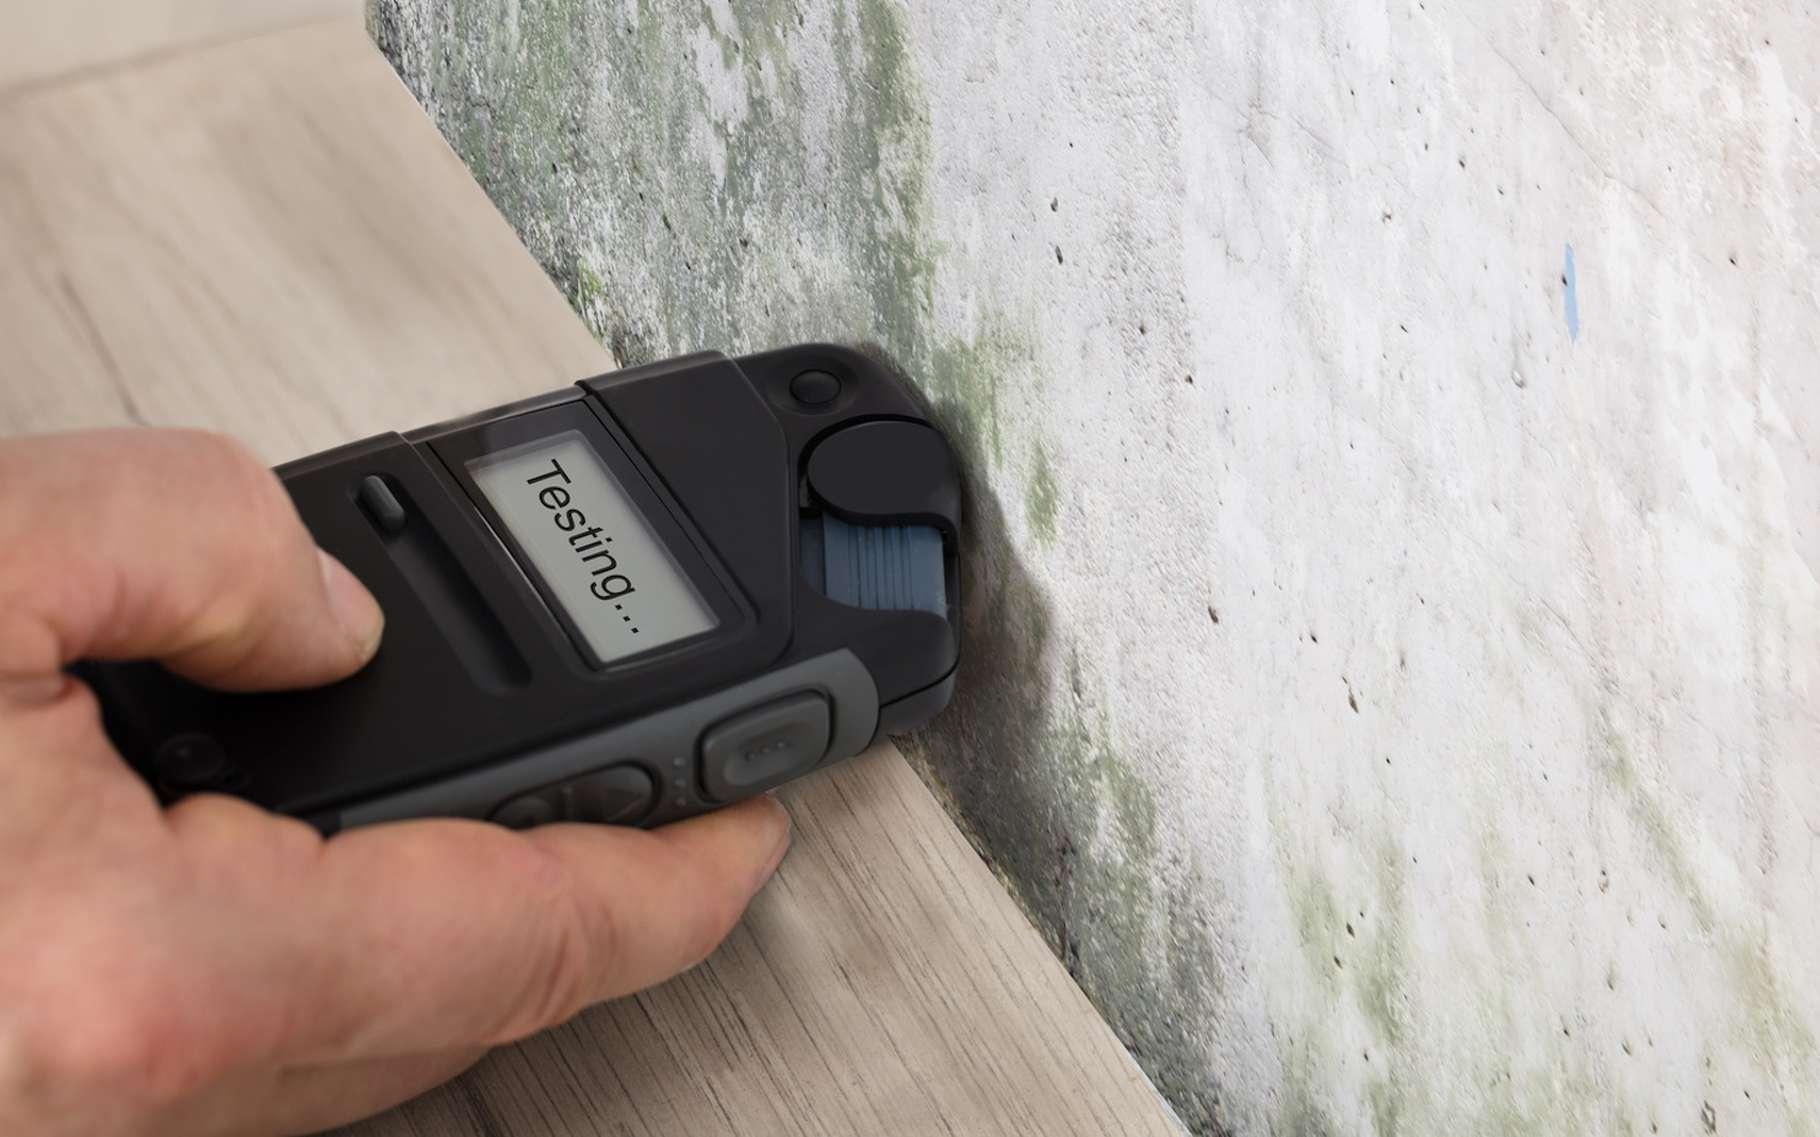 L'humidité peut être la cause de dégâts dans une maison. Un capteur d'humidité permet de poser un diagnostic. © Andrey Popov, Fotolia